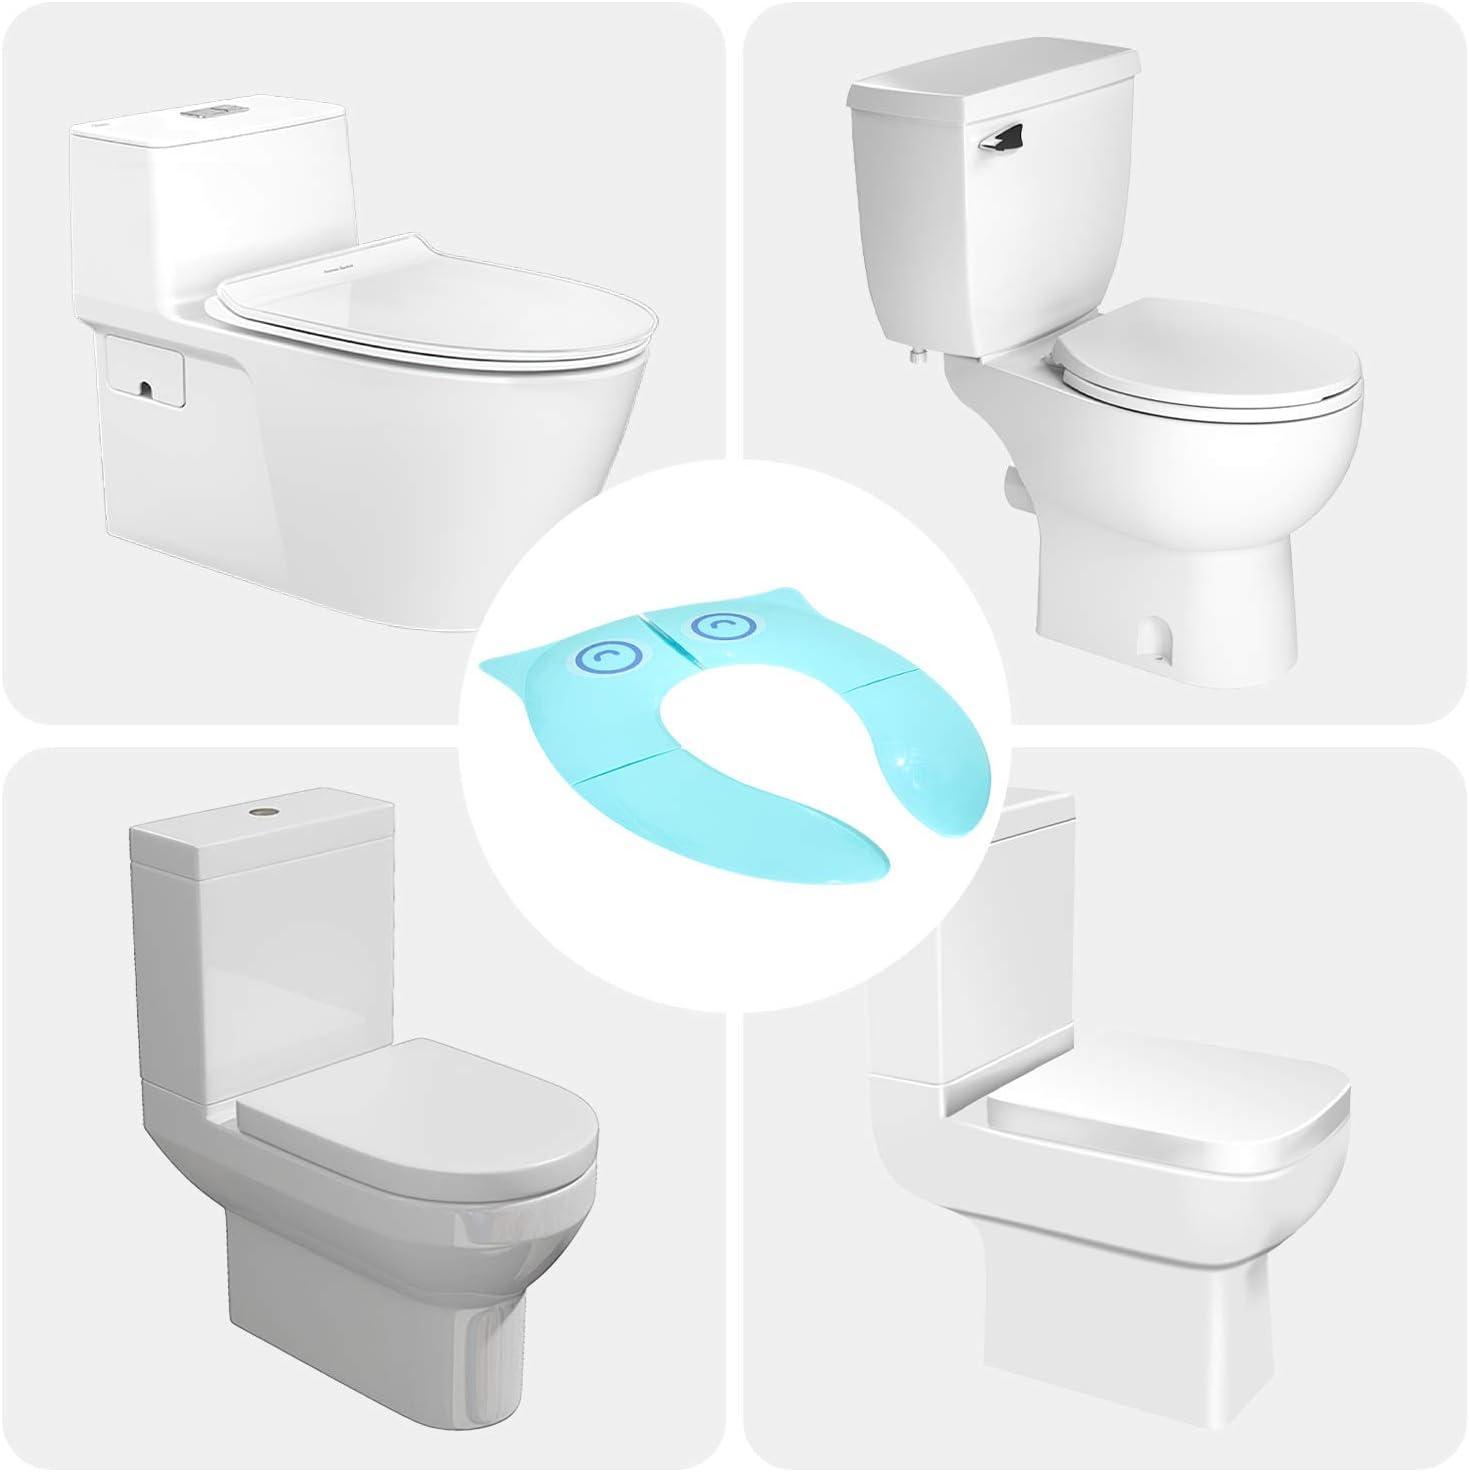 si/ège de toilette de voyage pliant mise /à niveau stable avec des coussinets en silicone antid/érapants housse de pot portable Si/ège dentra/înement pour pot de toilette